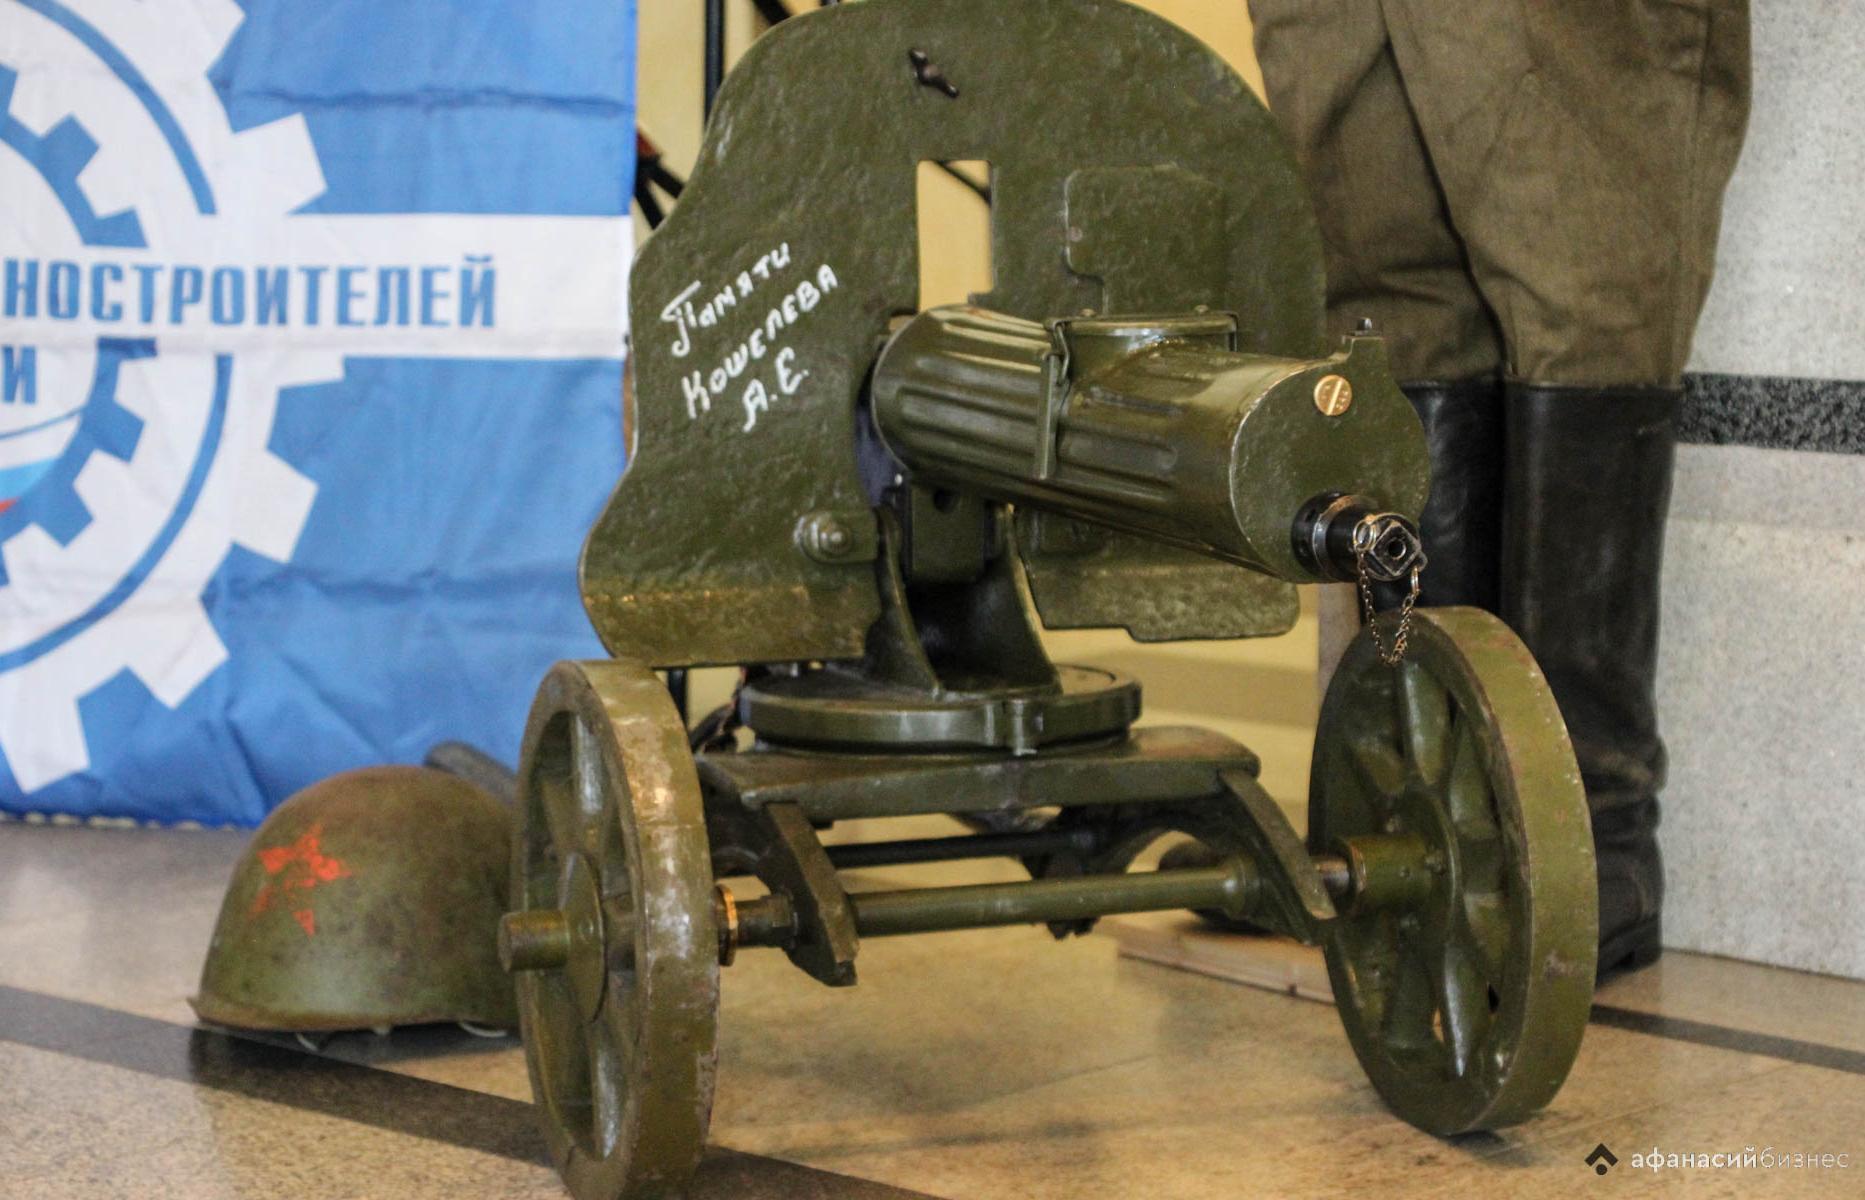 В Твери покажут оружие времен ВОВ, найденное поисковиками вагонзавода - новости Афанасий